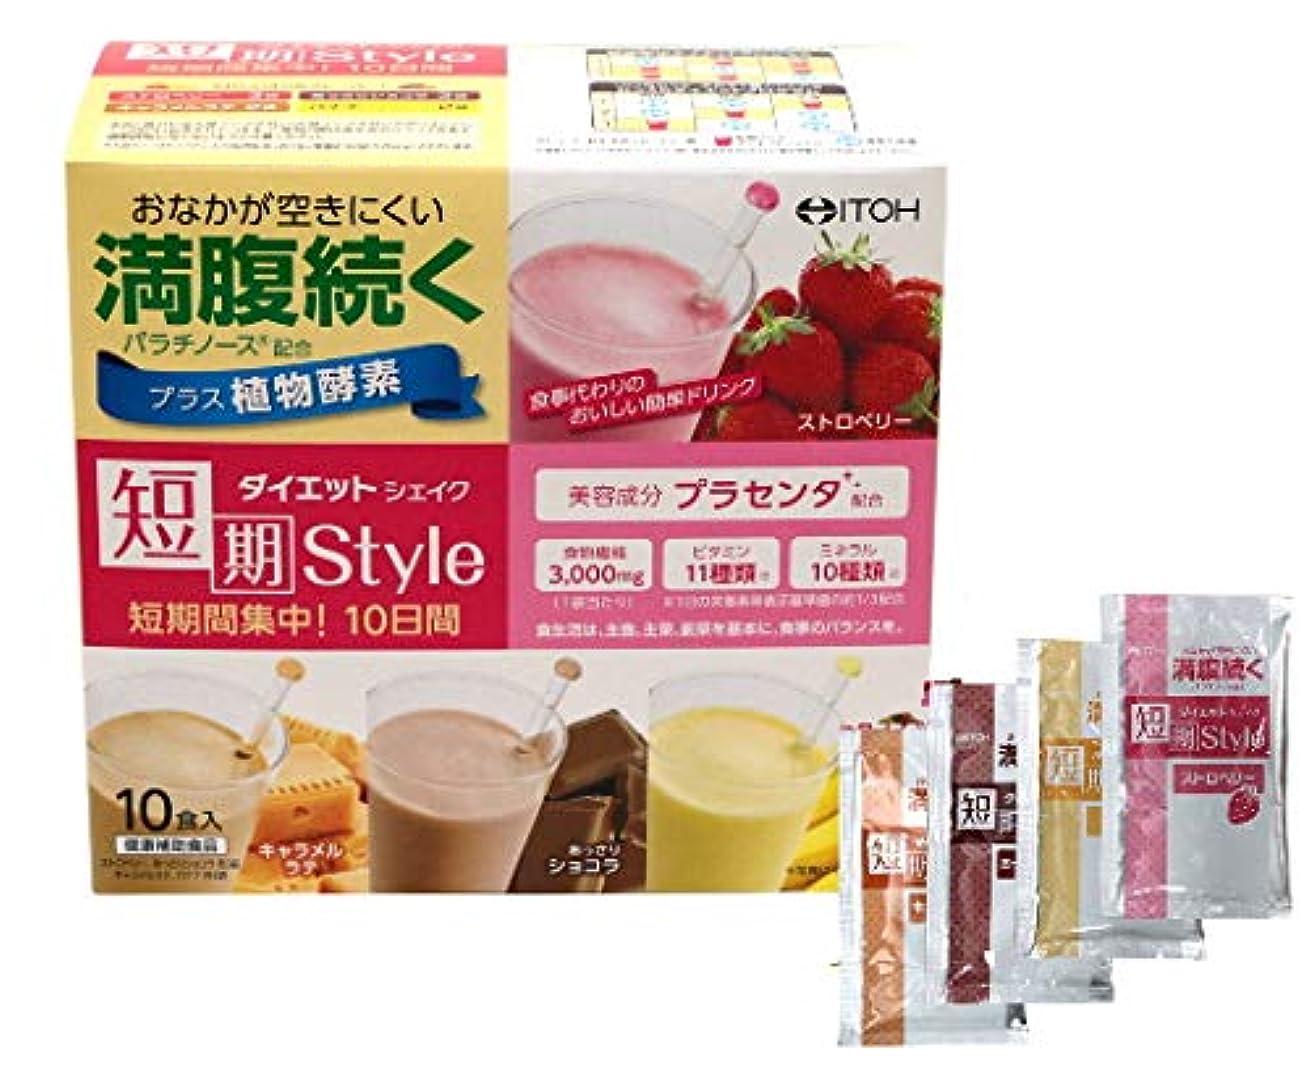 トラブル冷凍庫改善井藤漢方 短期スタイル ダイエットシェイク(25g×10袋)2個セット